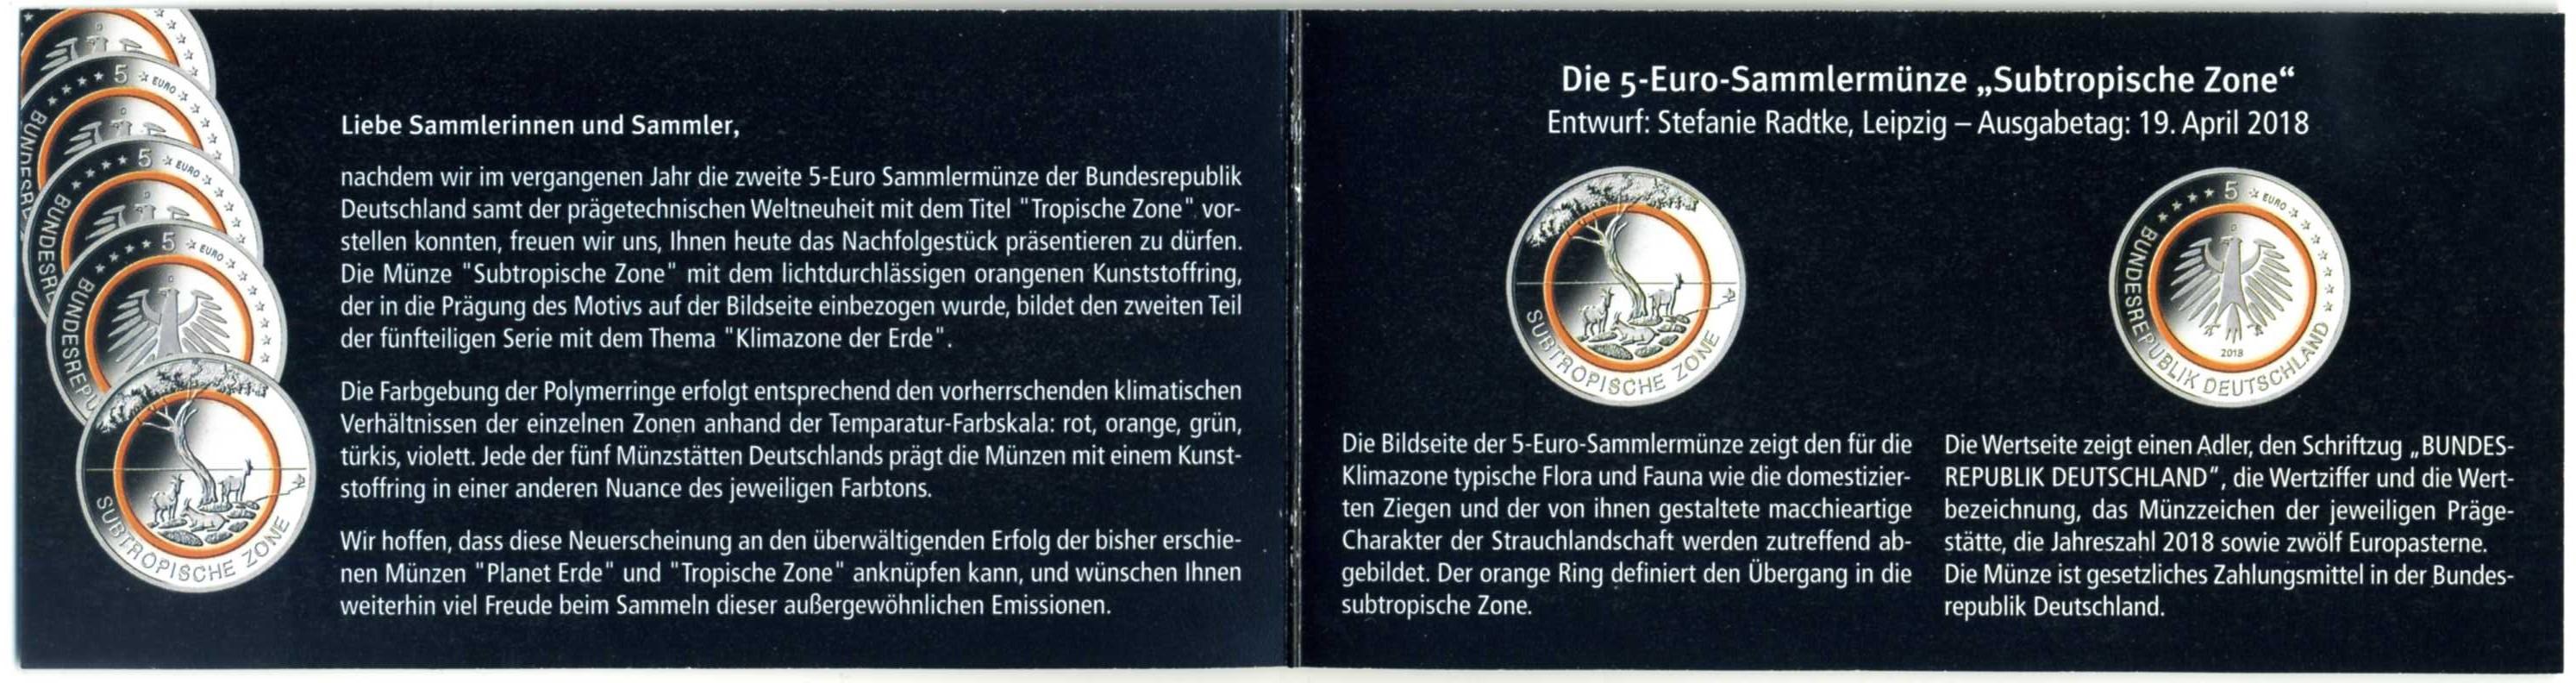 2018 DE 5 € Subtropische Zone Flyer 2.jpg